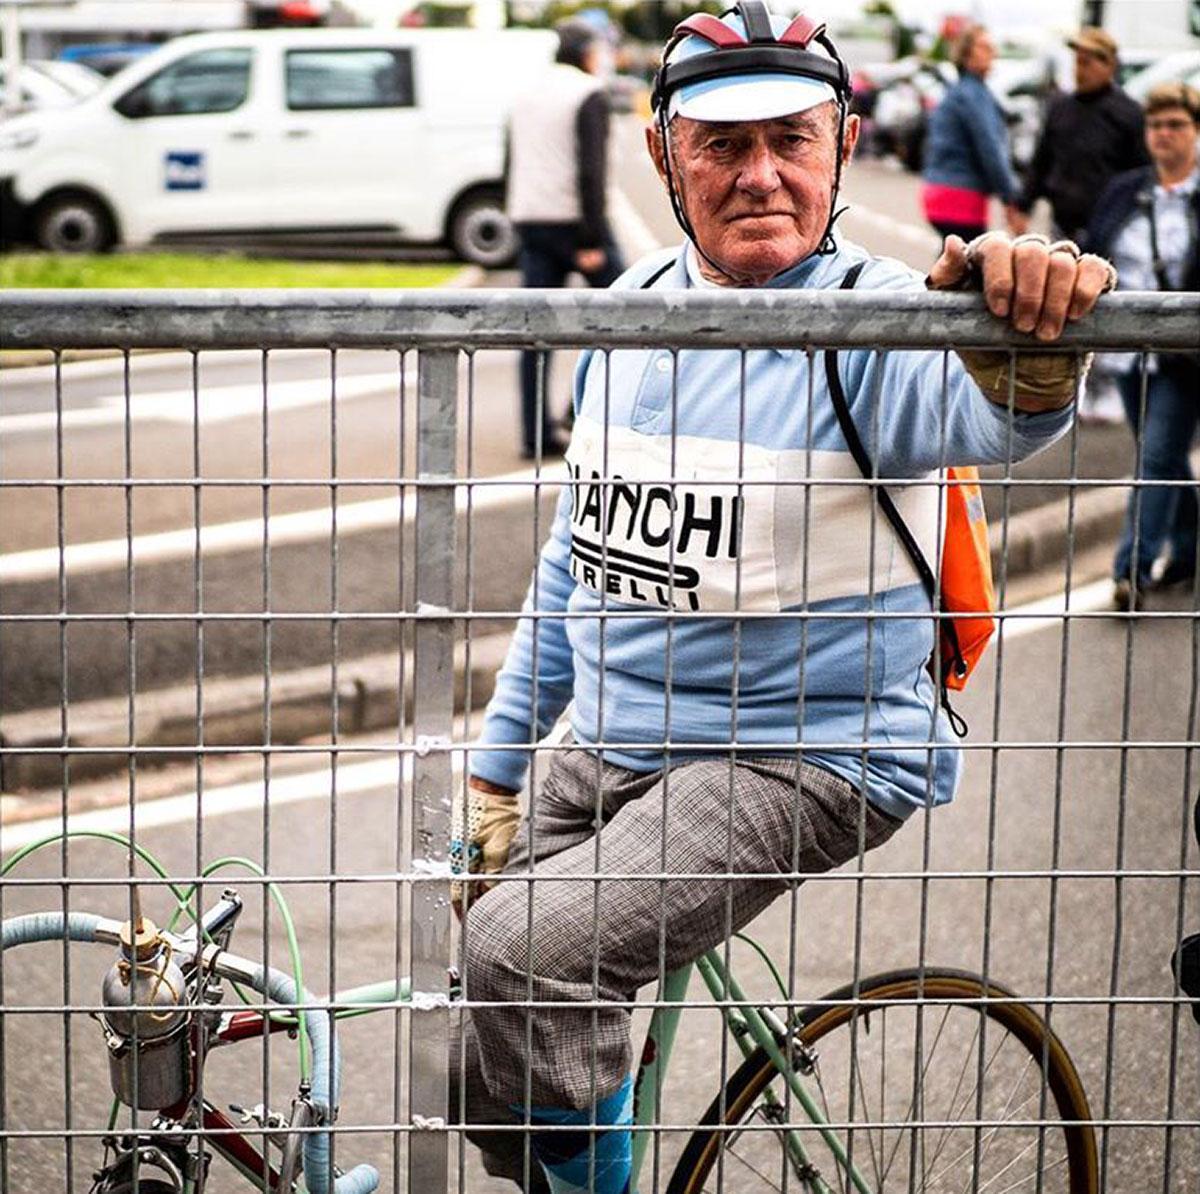 Tifoso in bicicletta con maglia Bianchi al Giro 2019